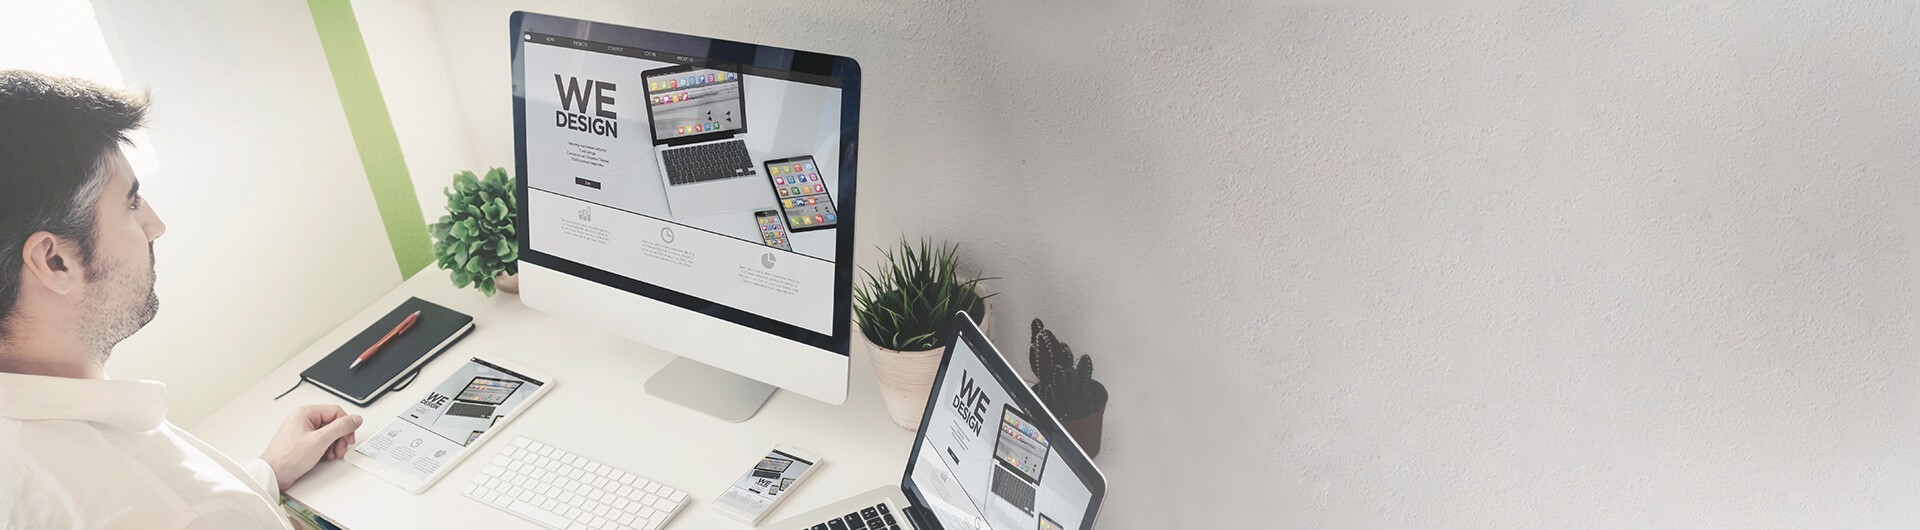 איך ליצור אתר ב-2020? בניית אתר מקצועי ומוכר